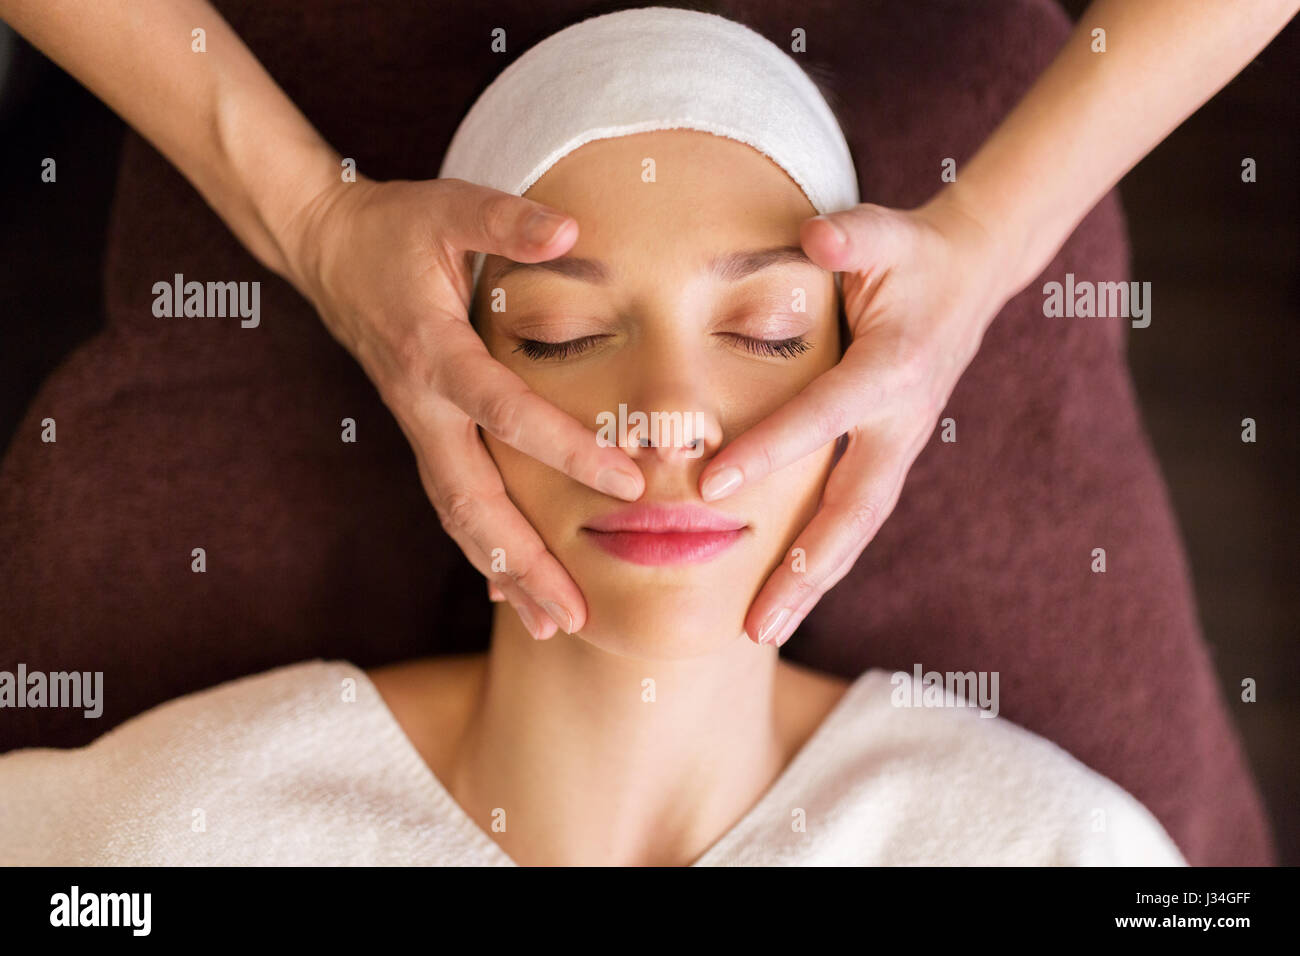 En el rostro y en la cabeza una mujer con un masaje en el spa Imagen De Stock